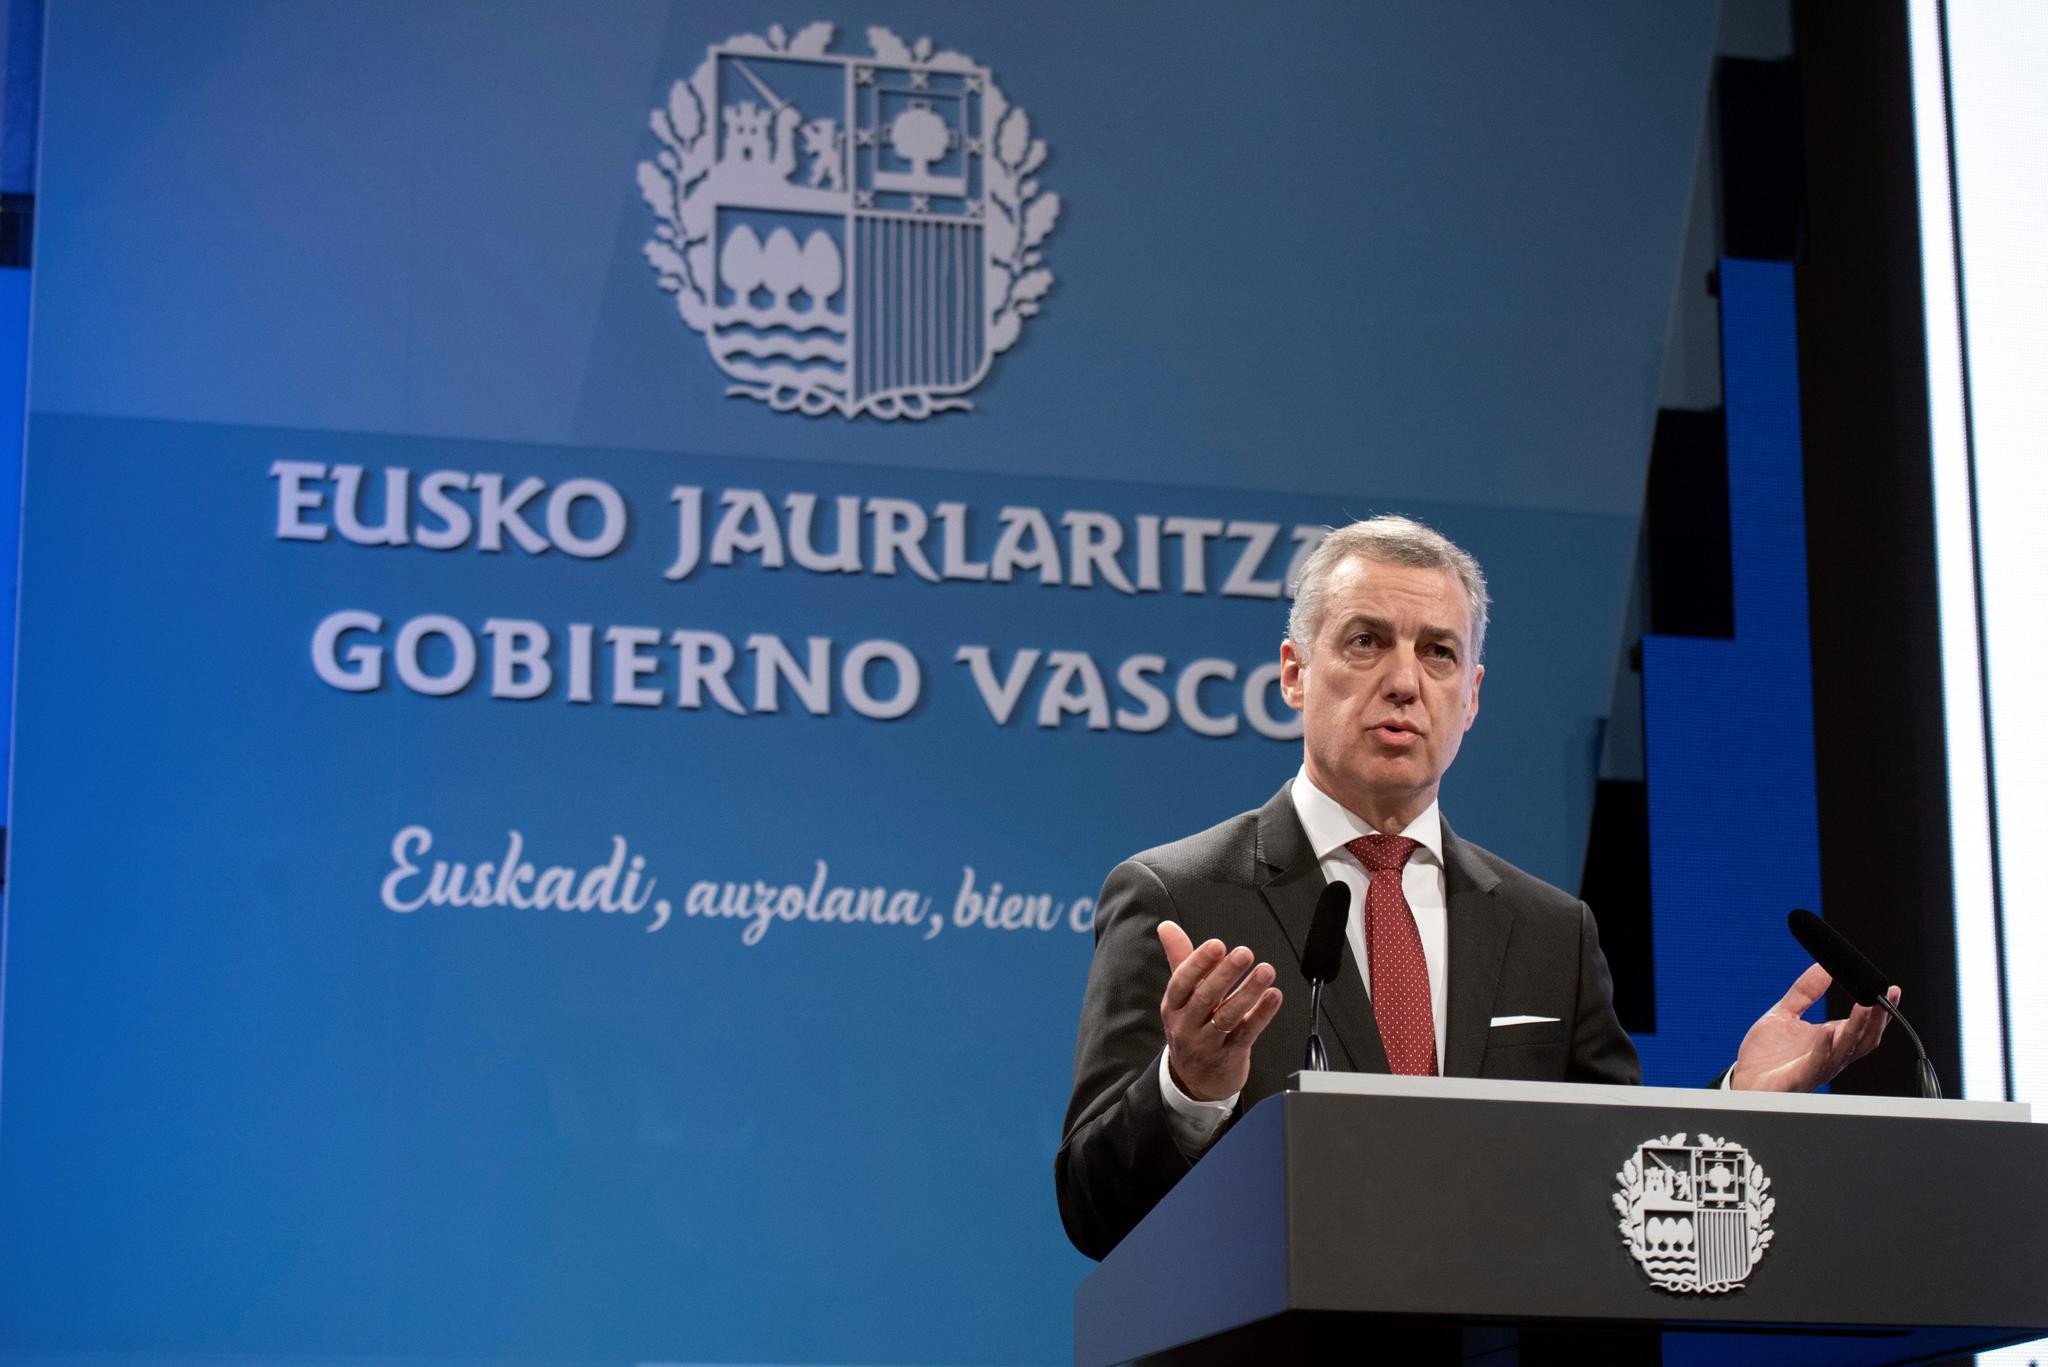 El lehendakari Urkullu en una intervención.